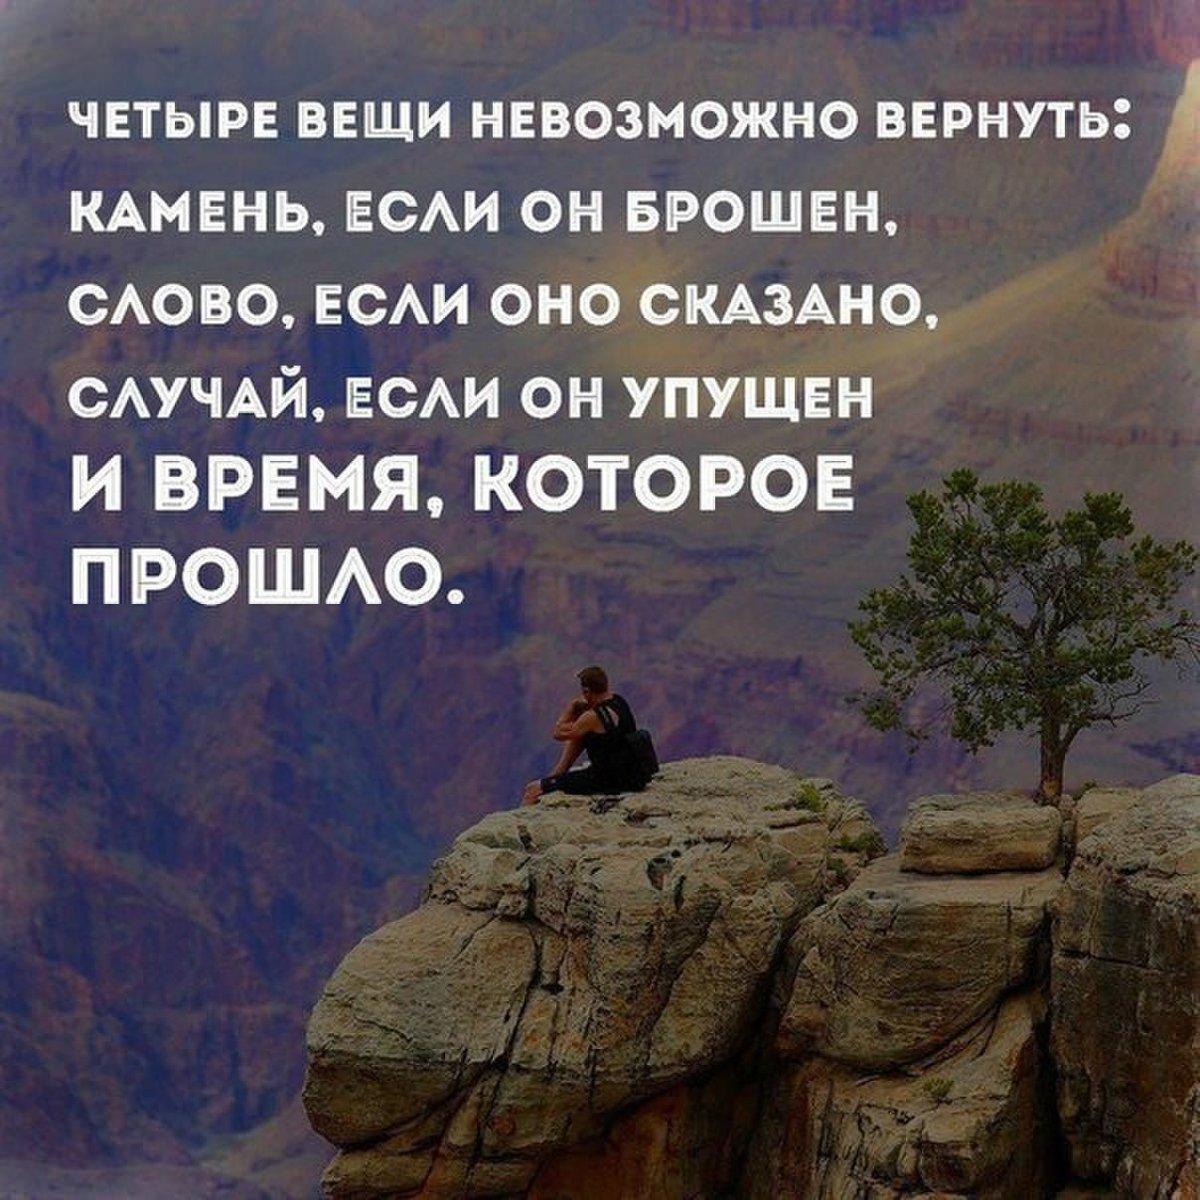 Открытки с мудрыми словами о жизни